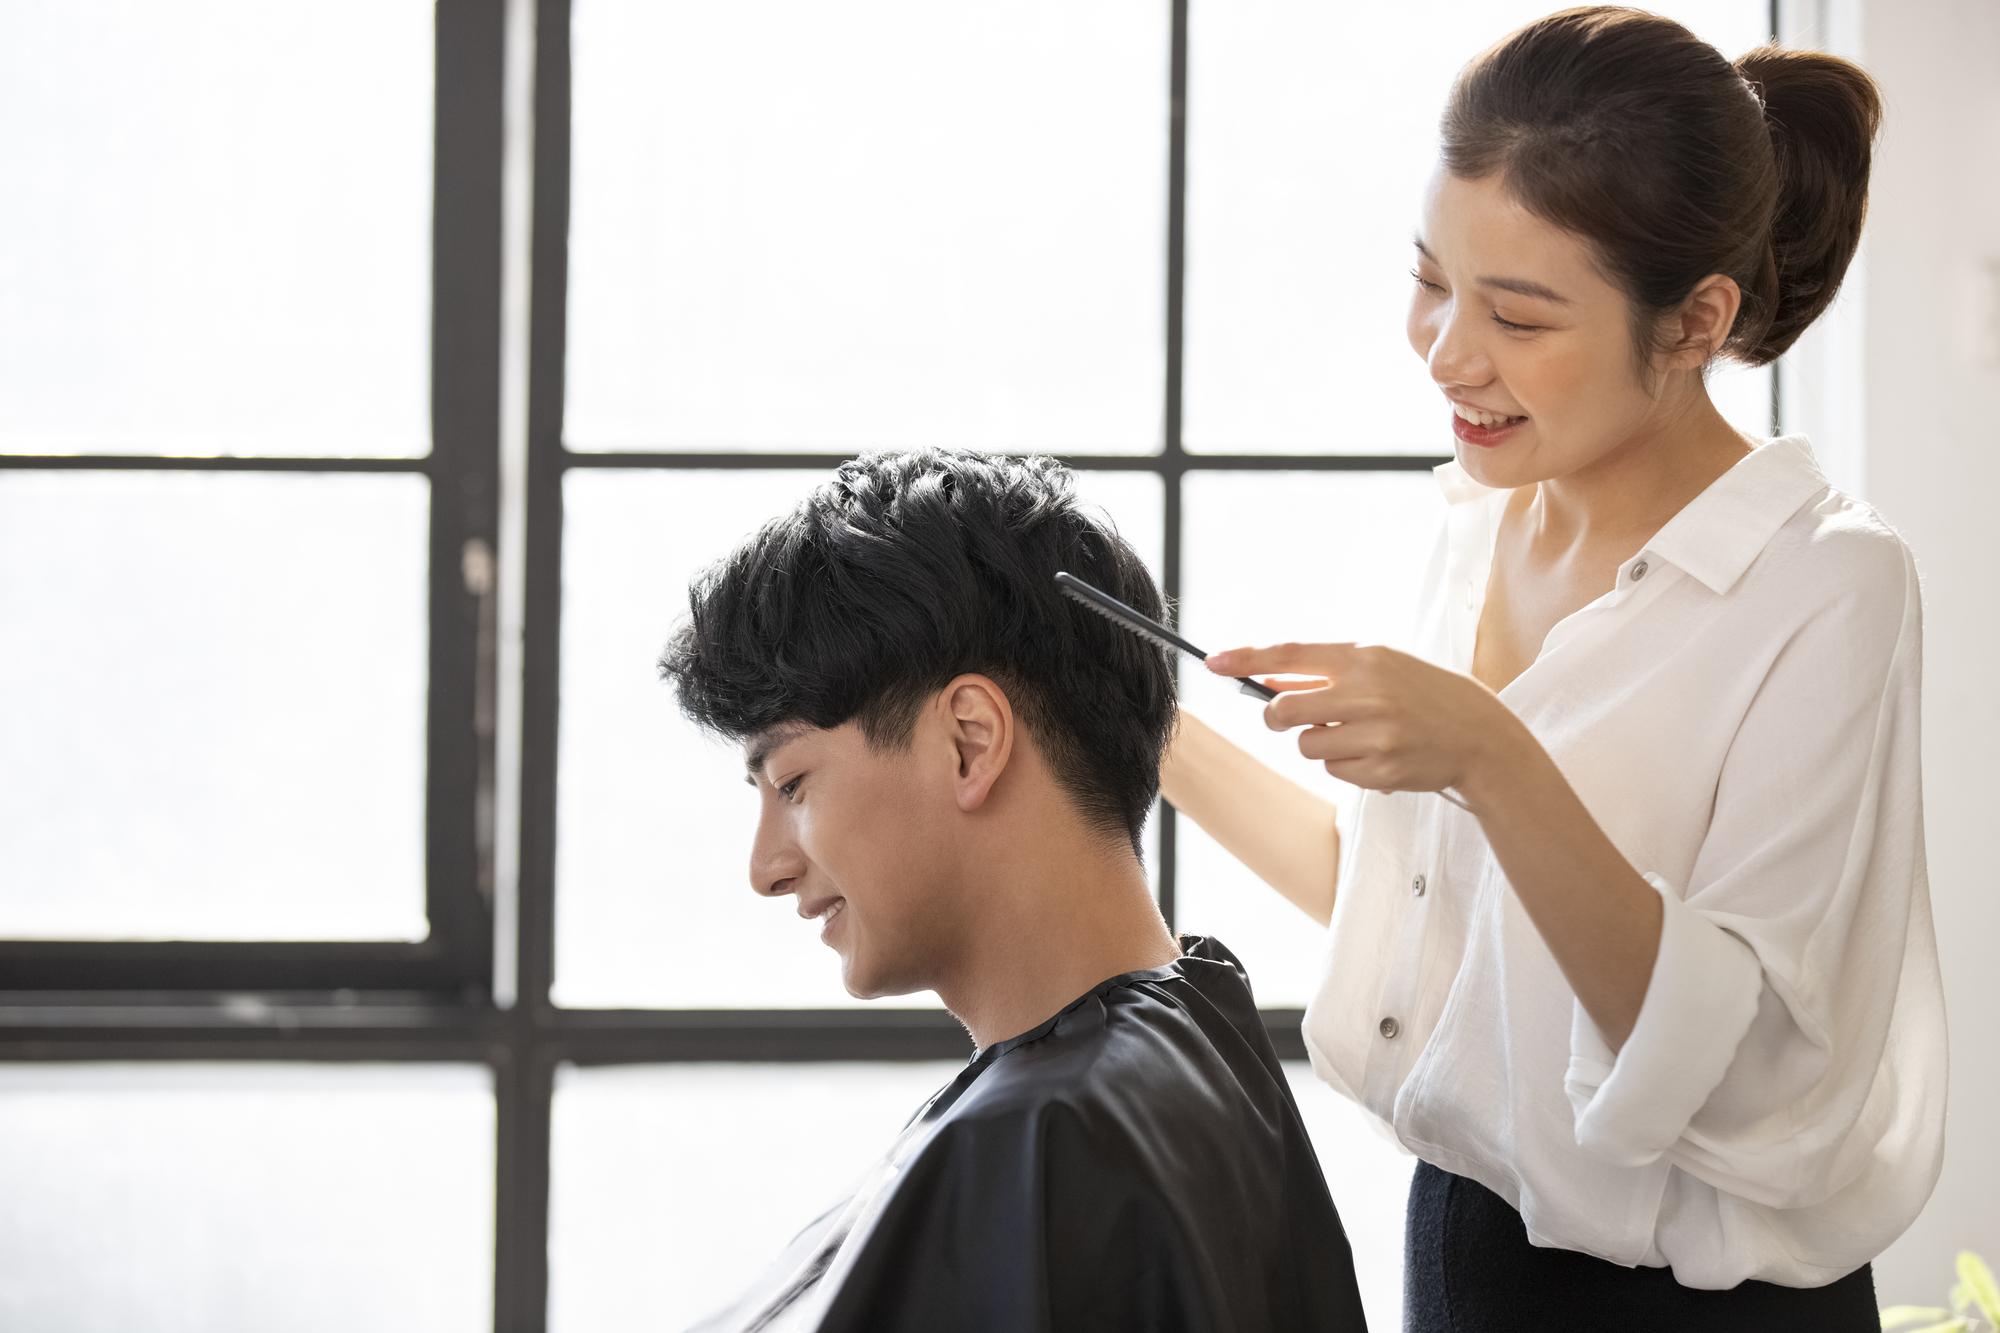 志尊淳さん風の髪型をオーダーしている様子